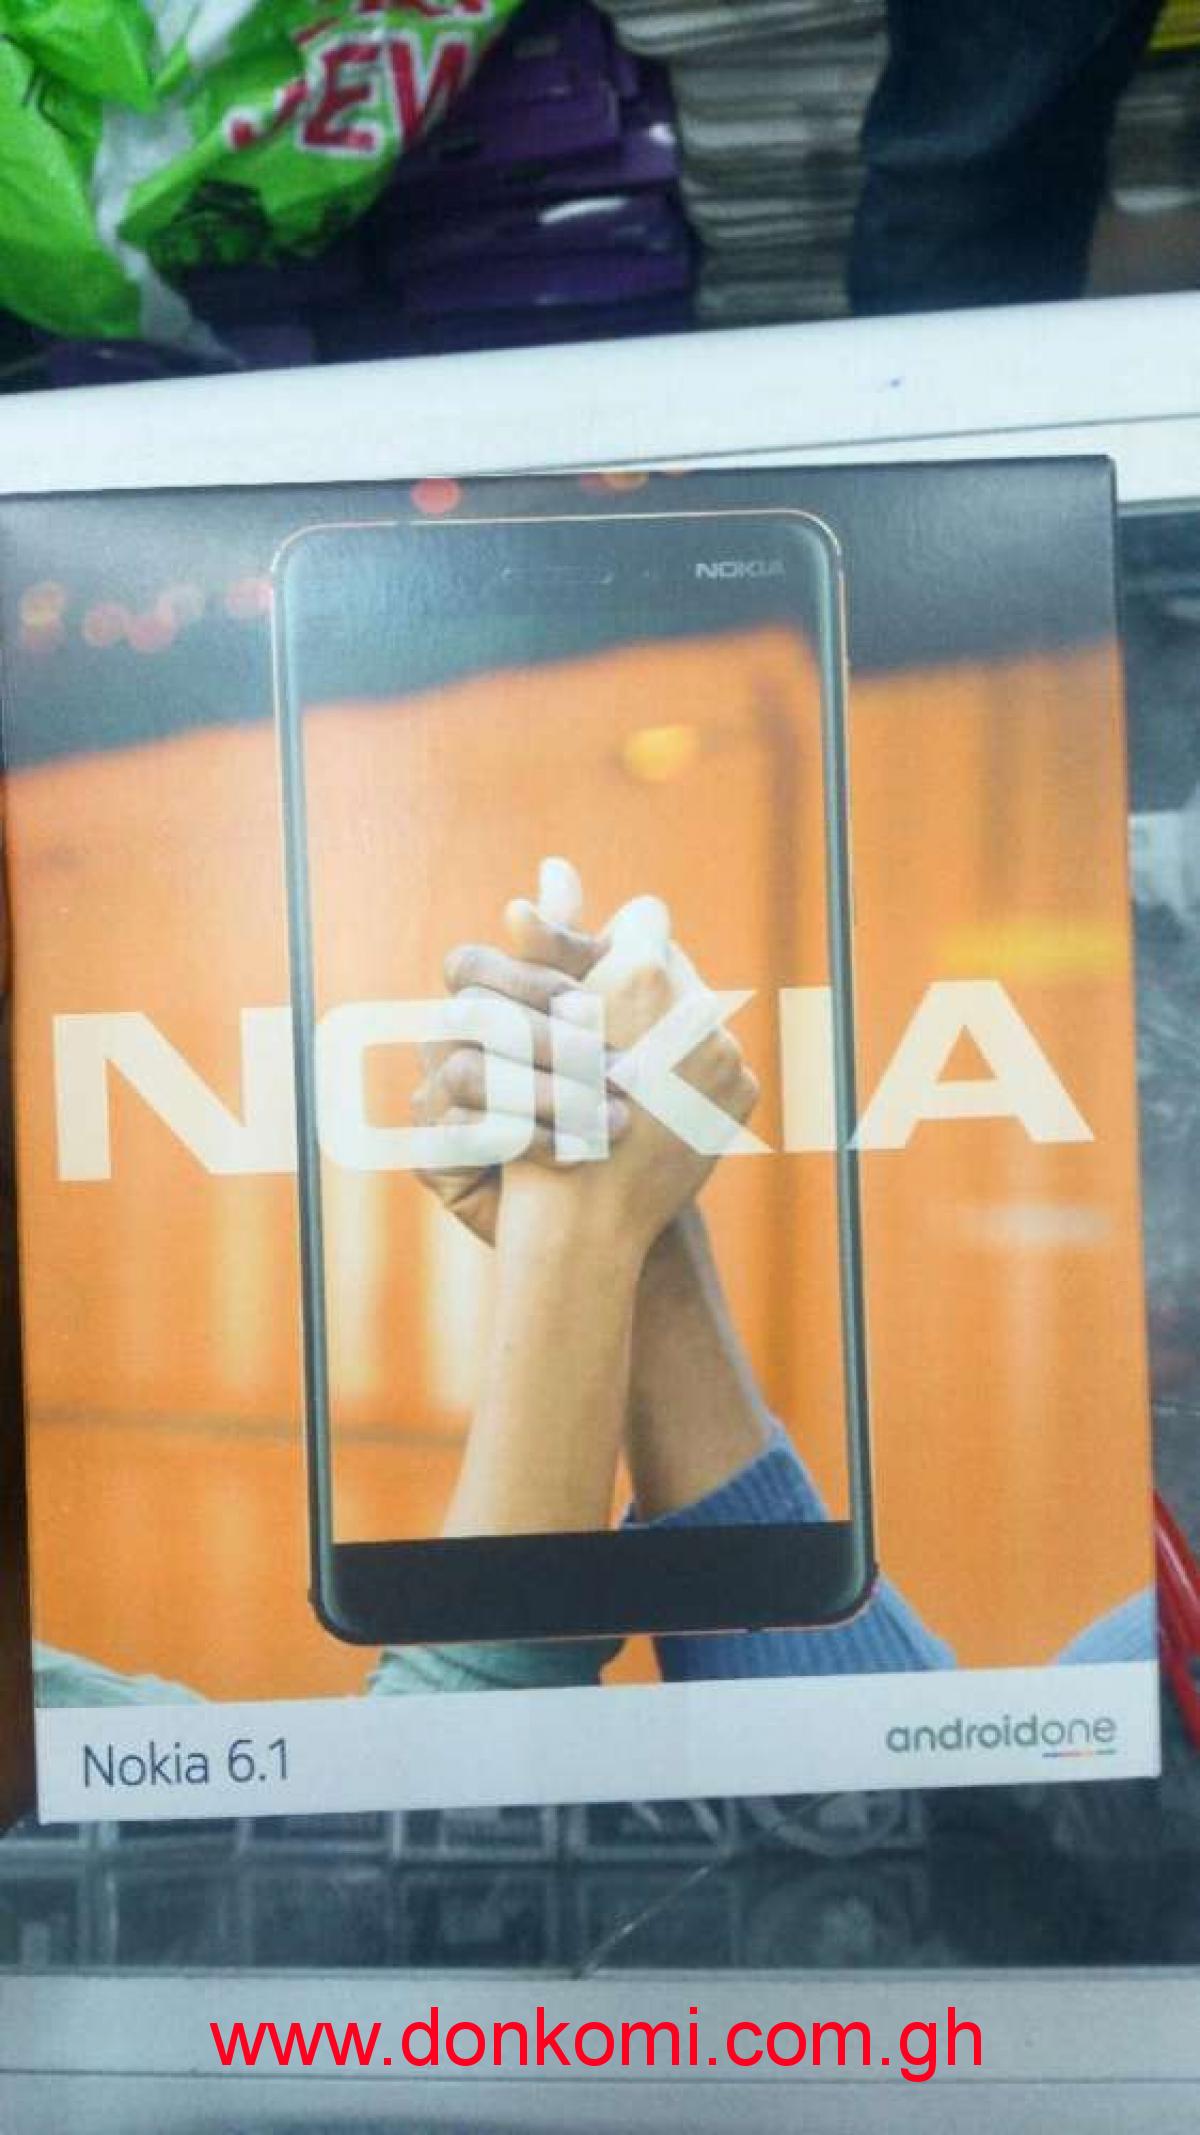 Nokia 6 64gig/4gig 4G LTE 2018 Edition